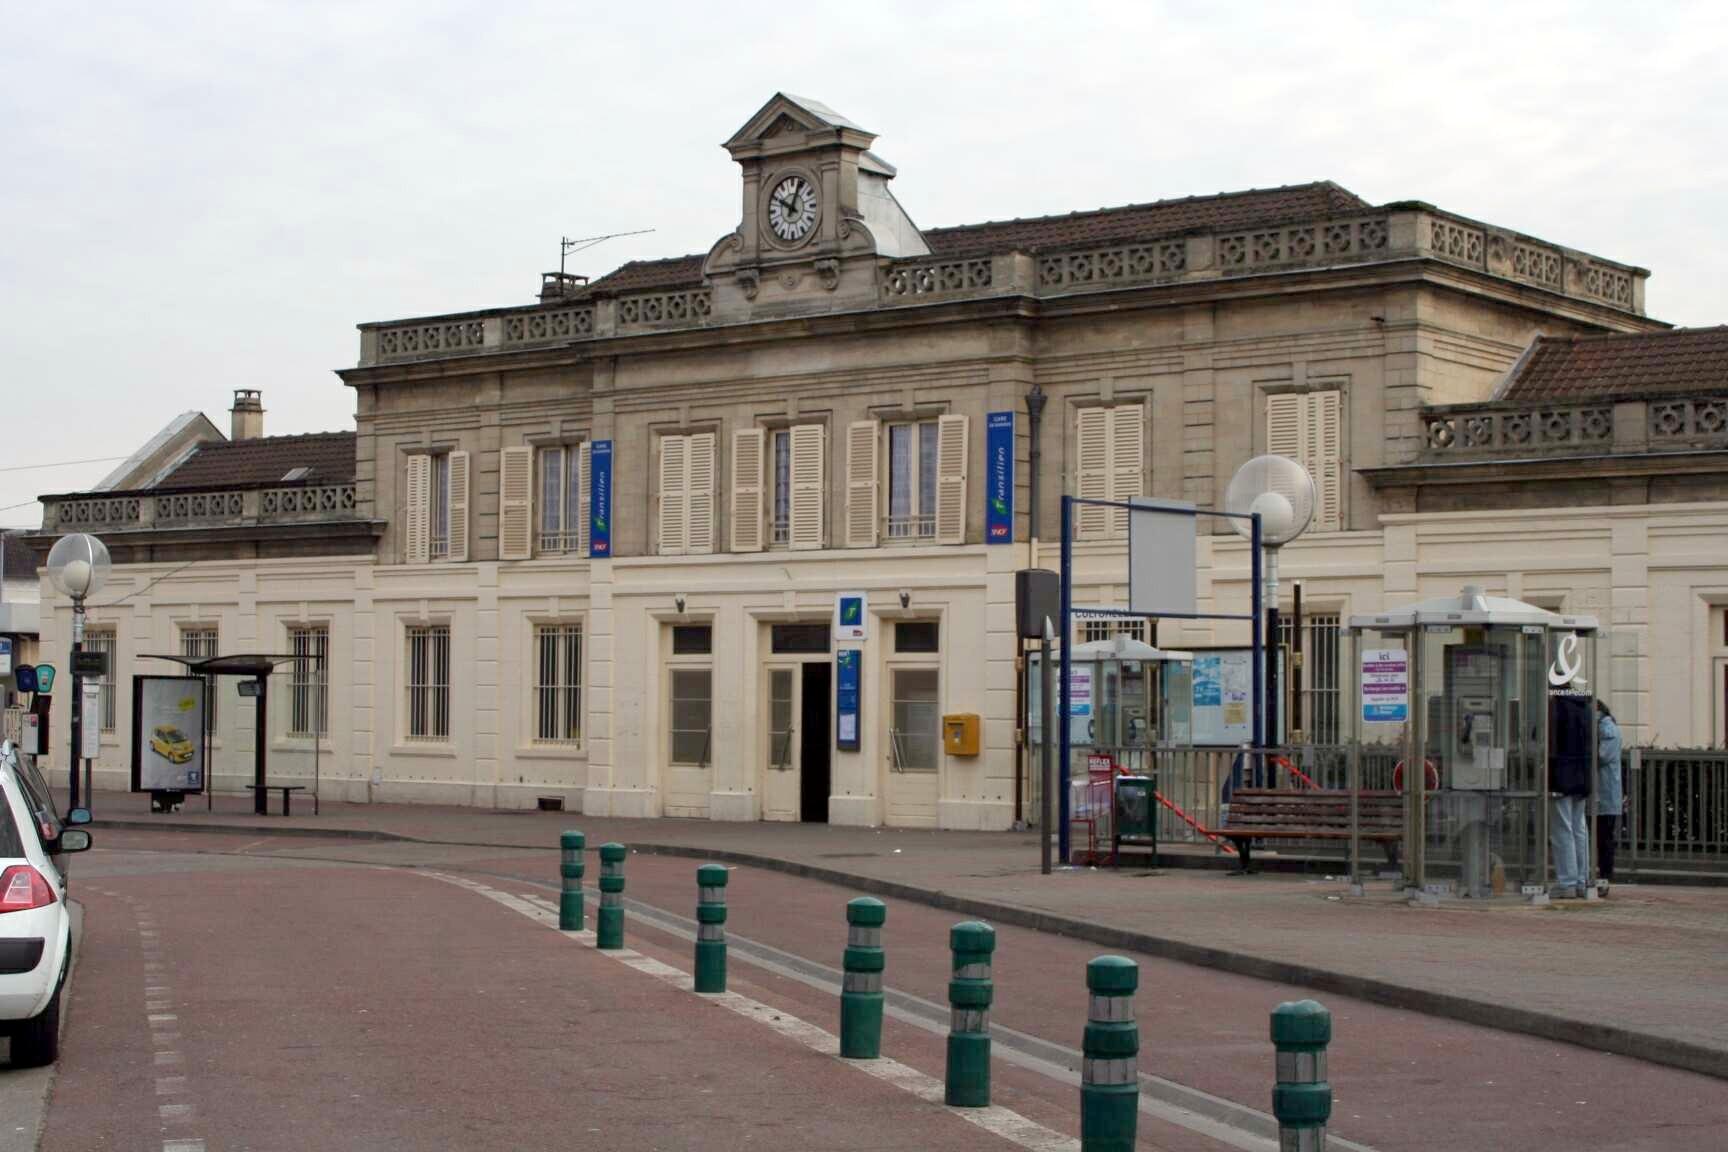 Sannois France  City new picture : ... france ville sannois adresse place salvador allende 95110 sannois